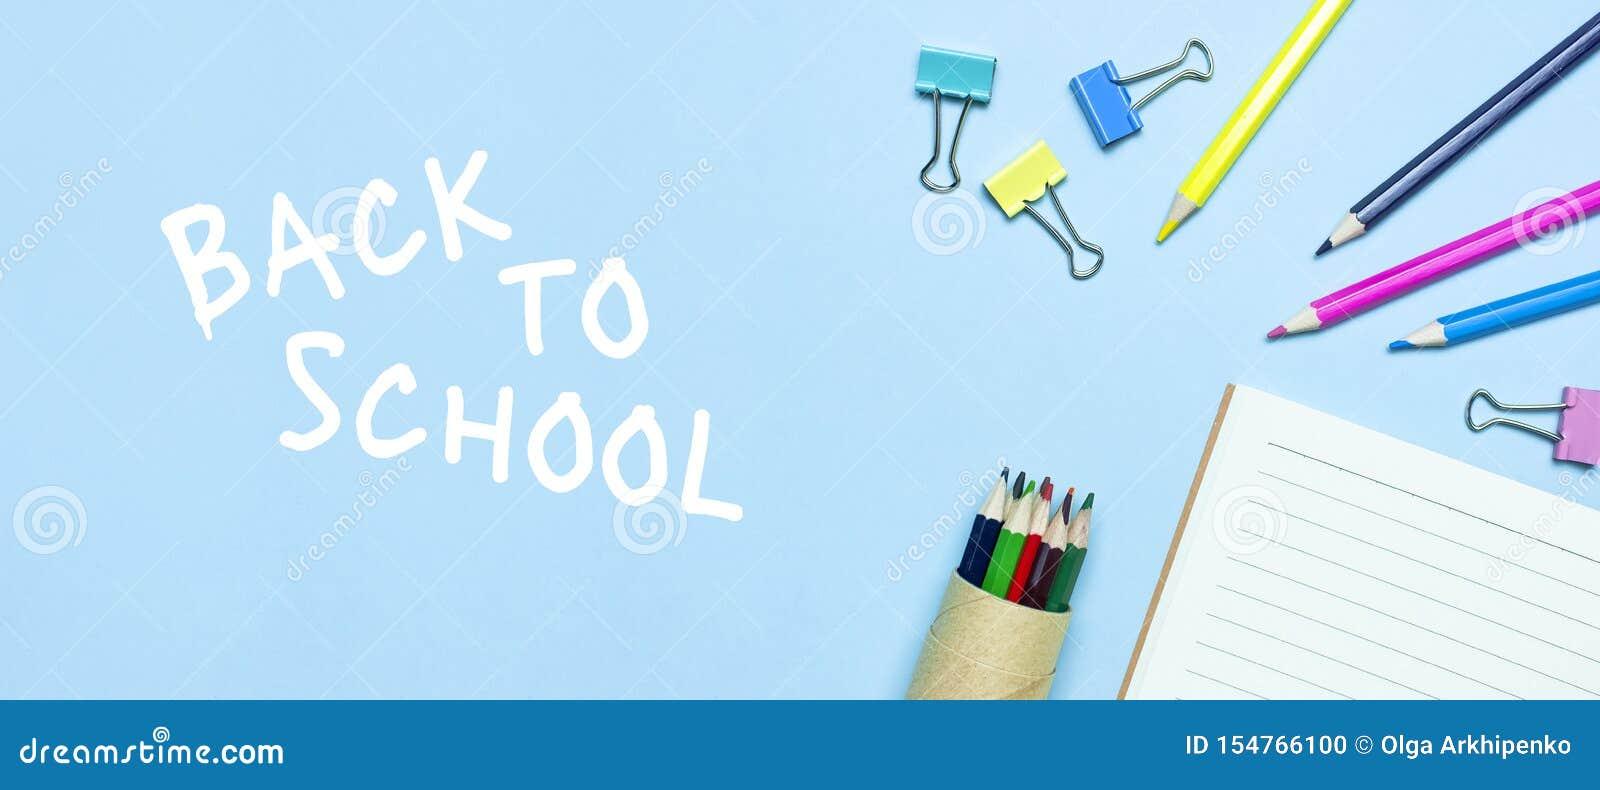 Tylna koncepcji do szko?y Drewniani barwioni ołówki, czysty szkolny notatnik w linii, papierowe klamerki na błękitnym tło odgórne